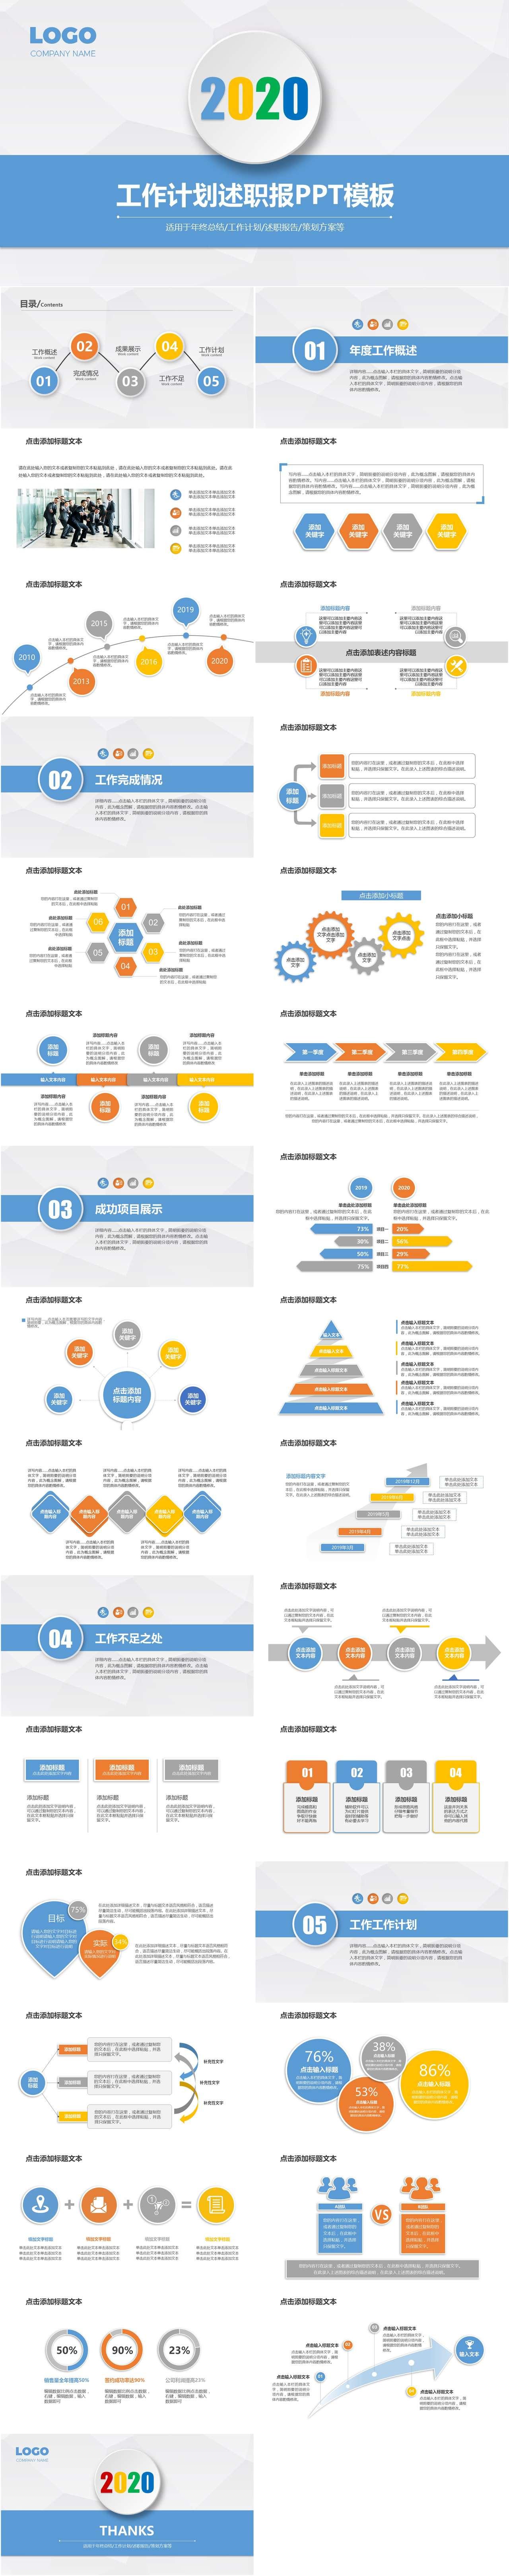 2020年项目策划终总结工作计划工作报告汇报PPT模板插图1